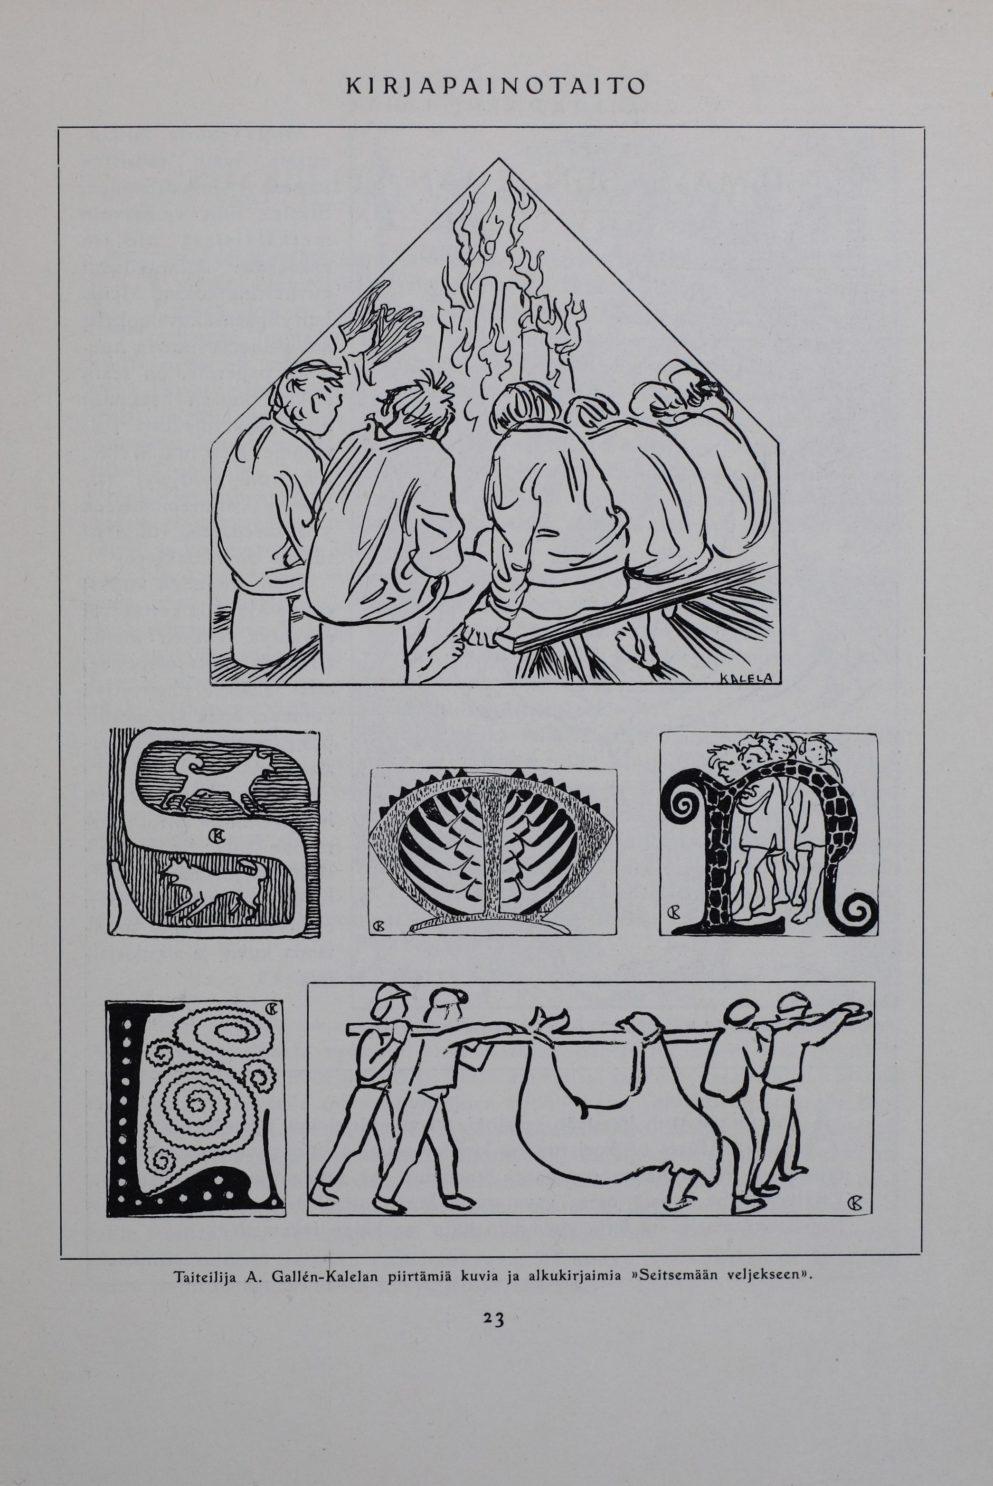 Akseli Gallen-Kallelan kuvitusta esiteltiin ennen kirjan julkaisua Kirjapainotaito-lehdessä.